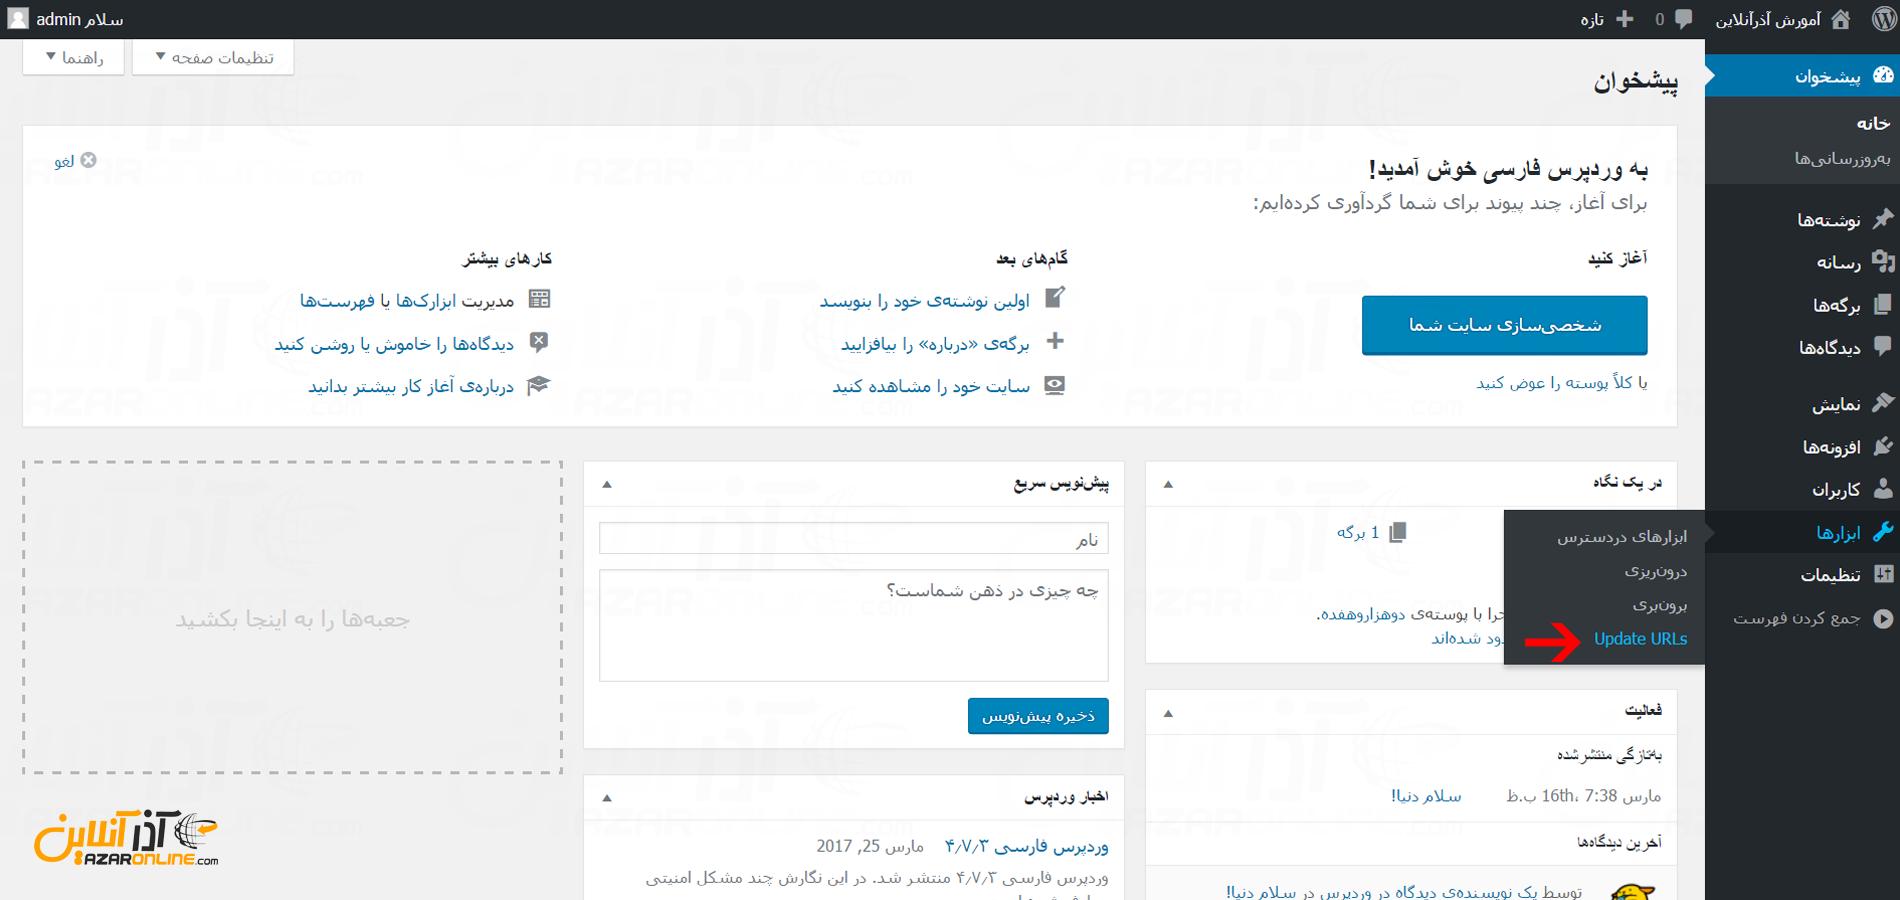 آموزش تغییر URL در وردپرس - تنظیمات افزونه Velvet blues update urls